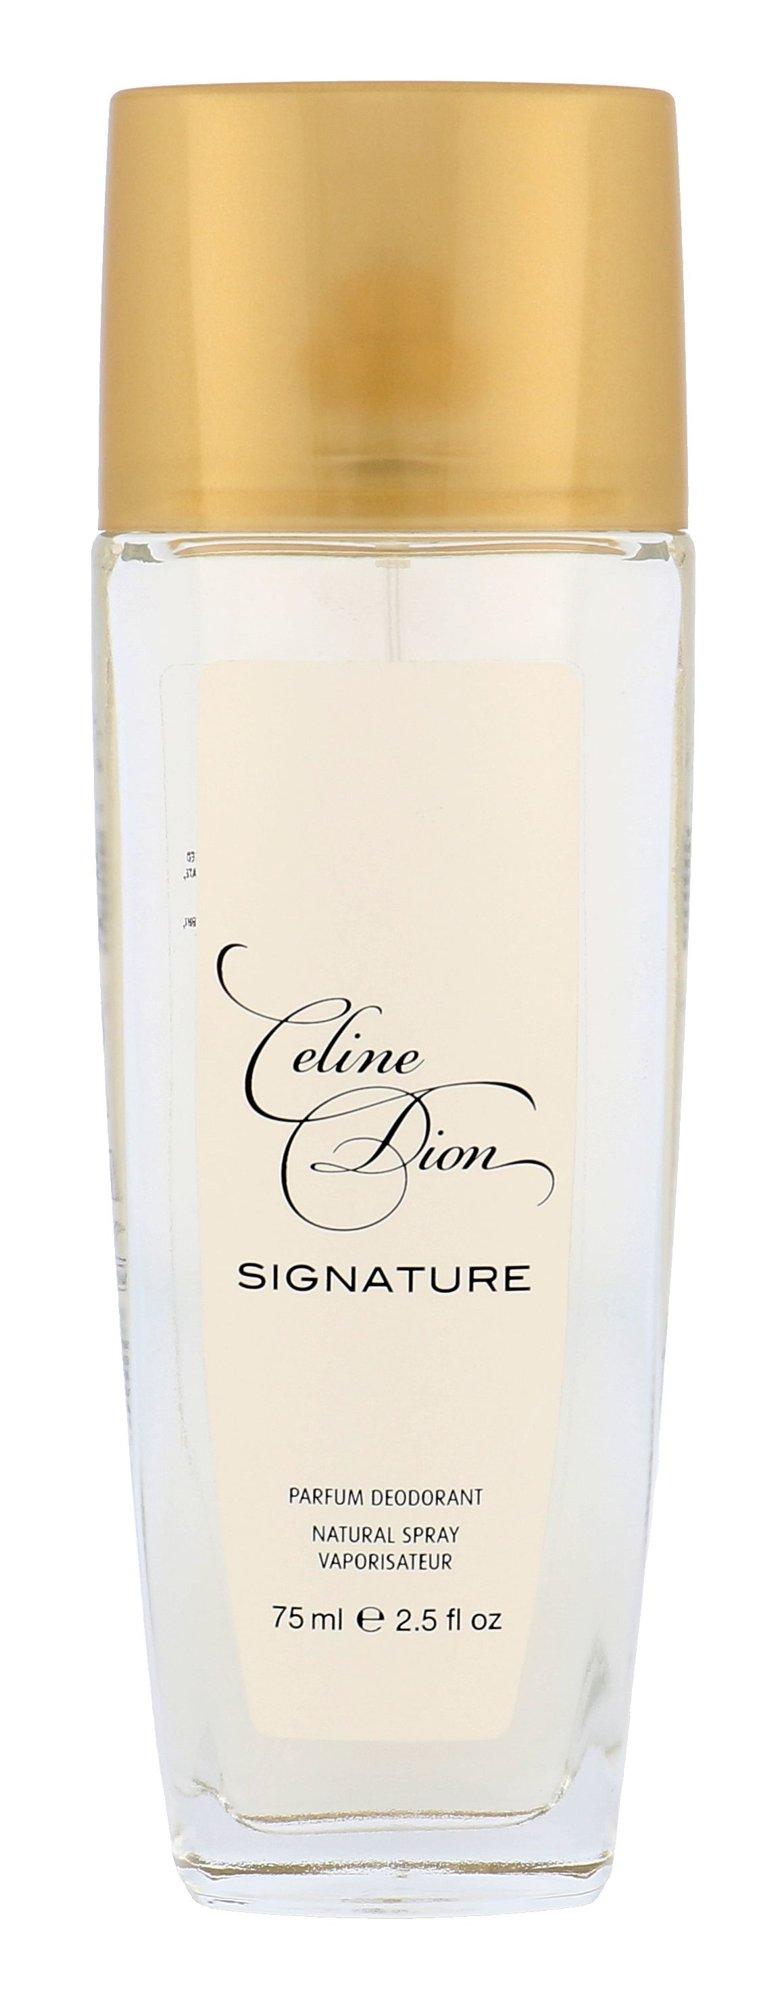 Céline Dion Signature Deodorant 75ml